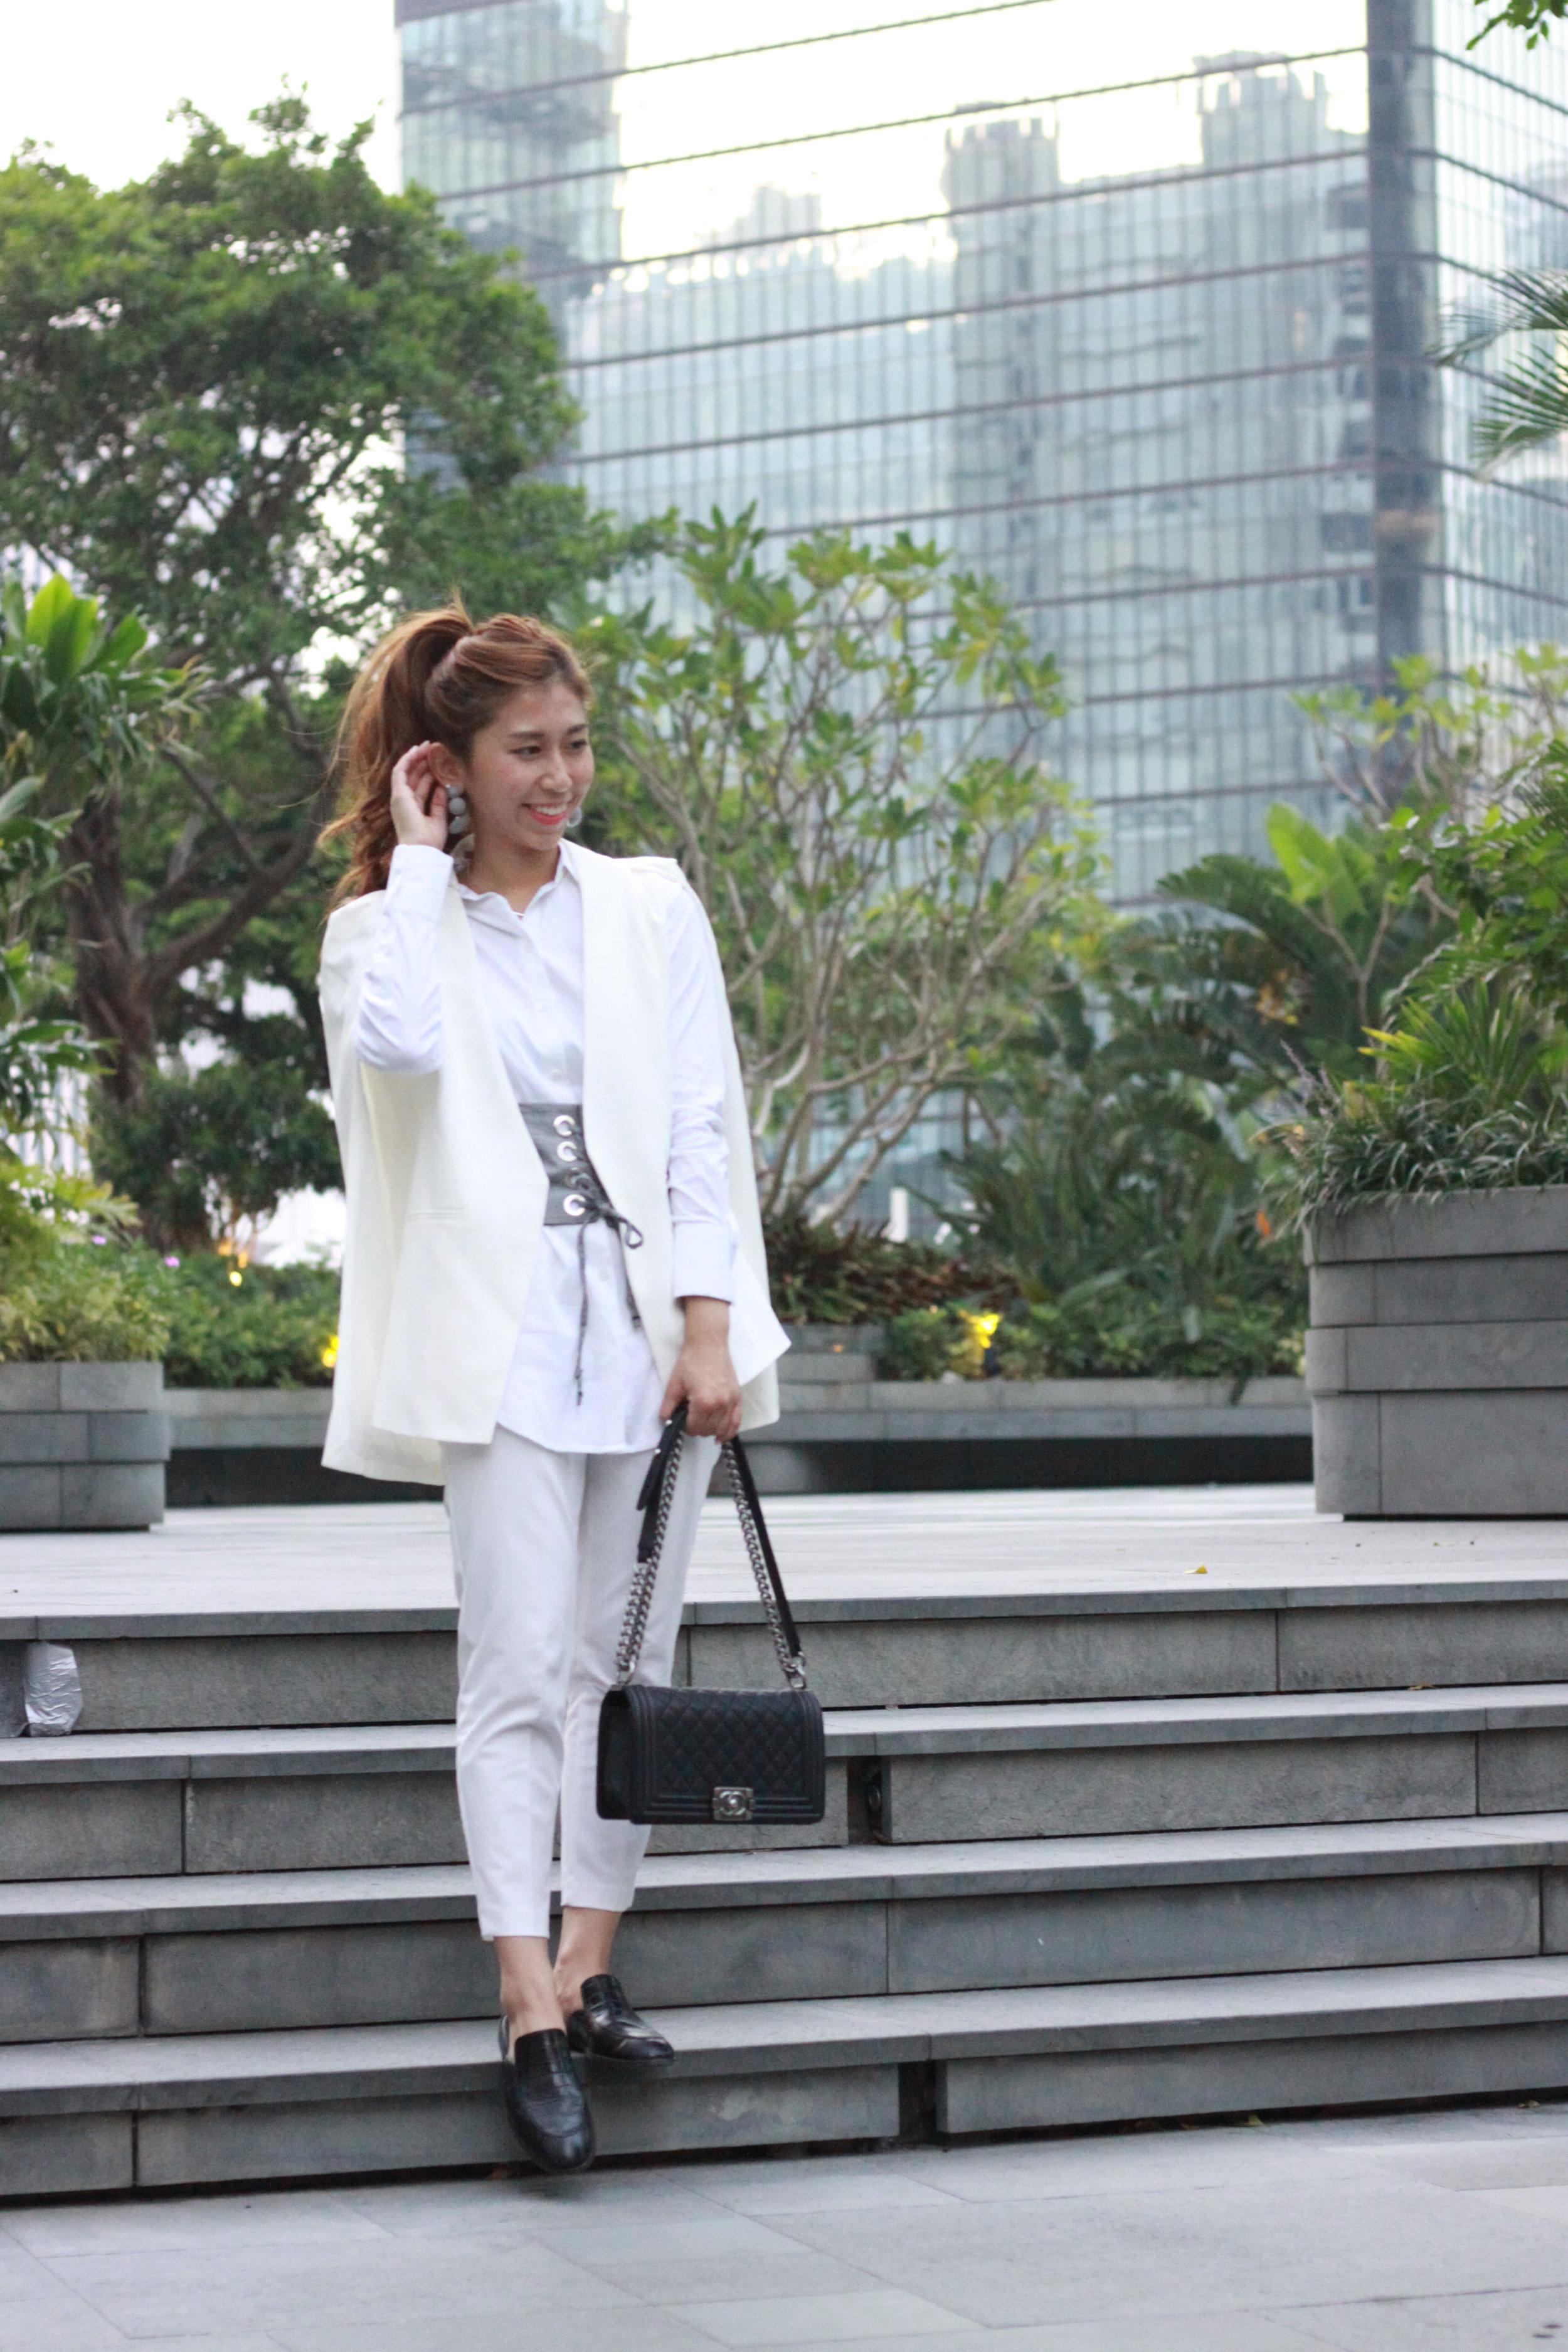 Alice cape blazer / Theory white shirt / Korea white pants / Giordano Ladies black leather slides /  Zara checkered corset  / Chanel boy /  Zara checkered earrings